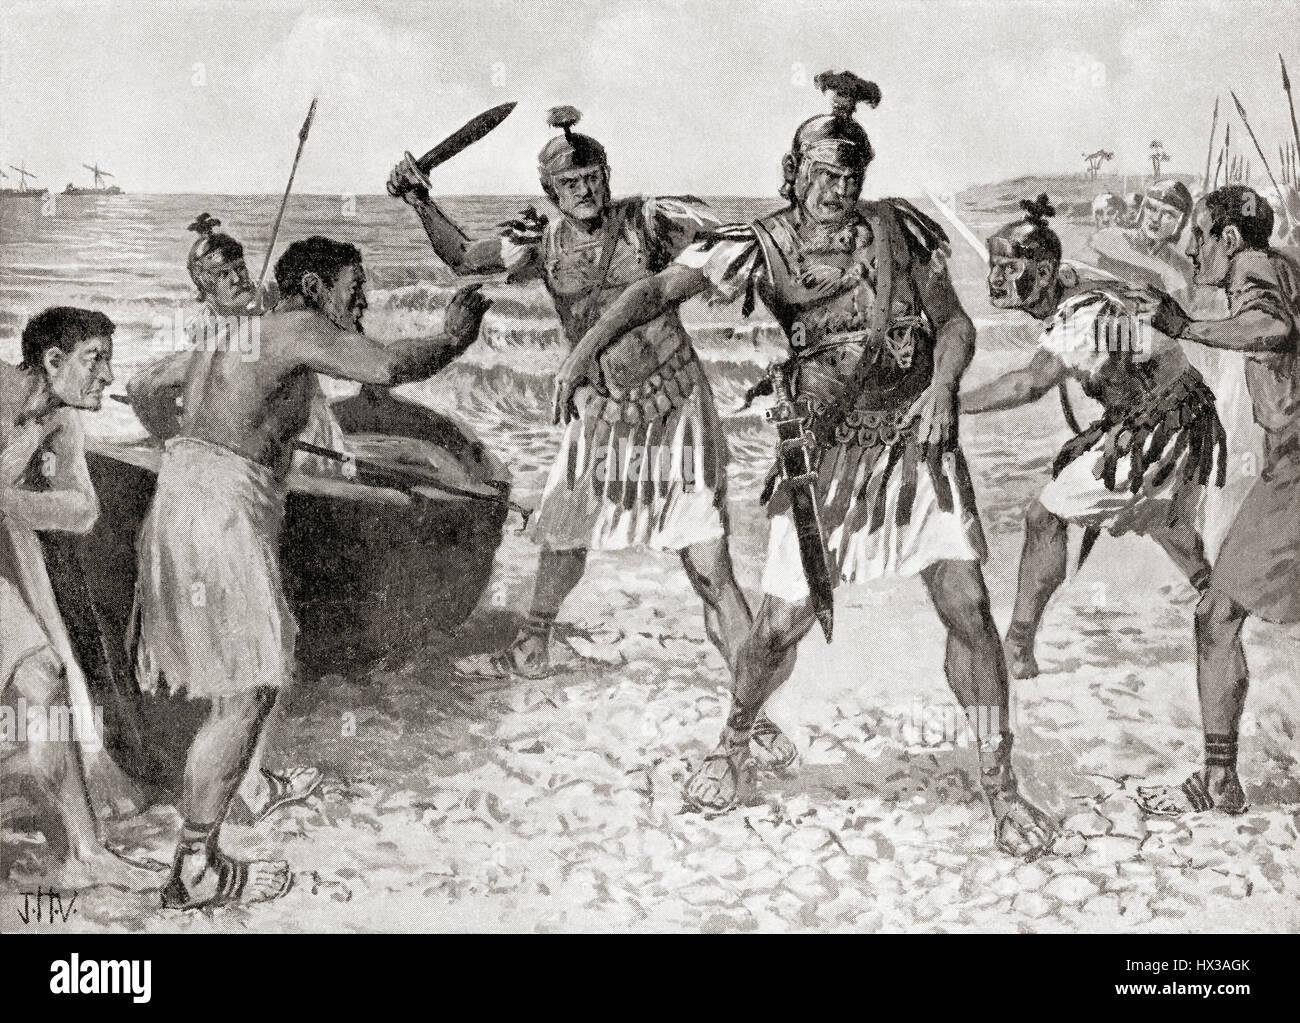 The murder of Gnaeus Pompeius Magnus, 106 BC – 28 48 BC aka Pompey,  by Septimius, Achillas and Savius  in 48 BC. - Stock Image